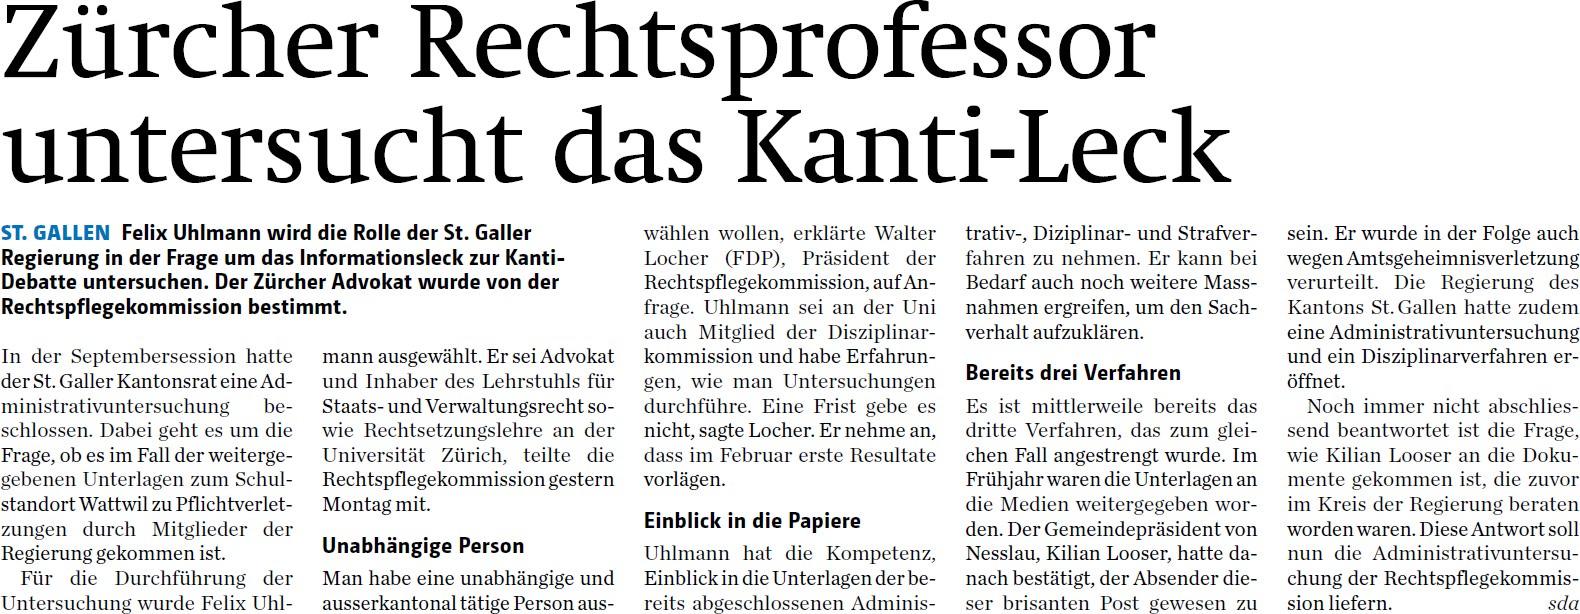 Zürcher Rechtsprofessor untersucht das Kanti-Leck (Dienstag, 30.09.2014)